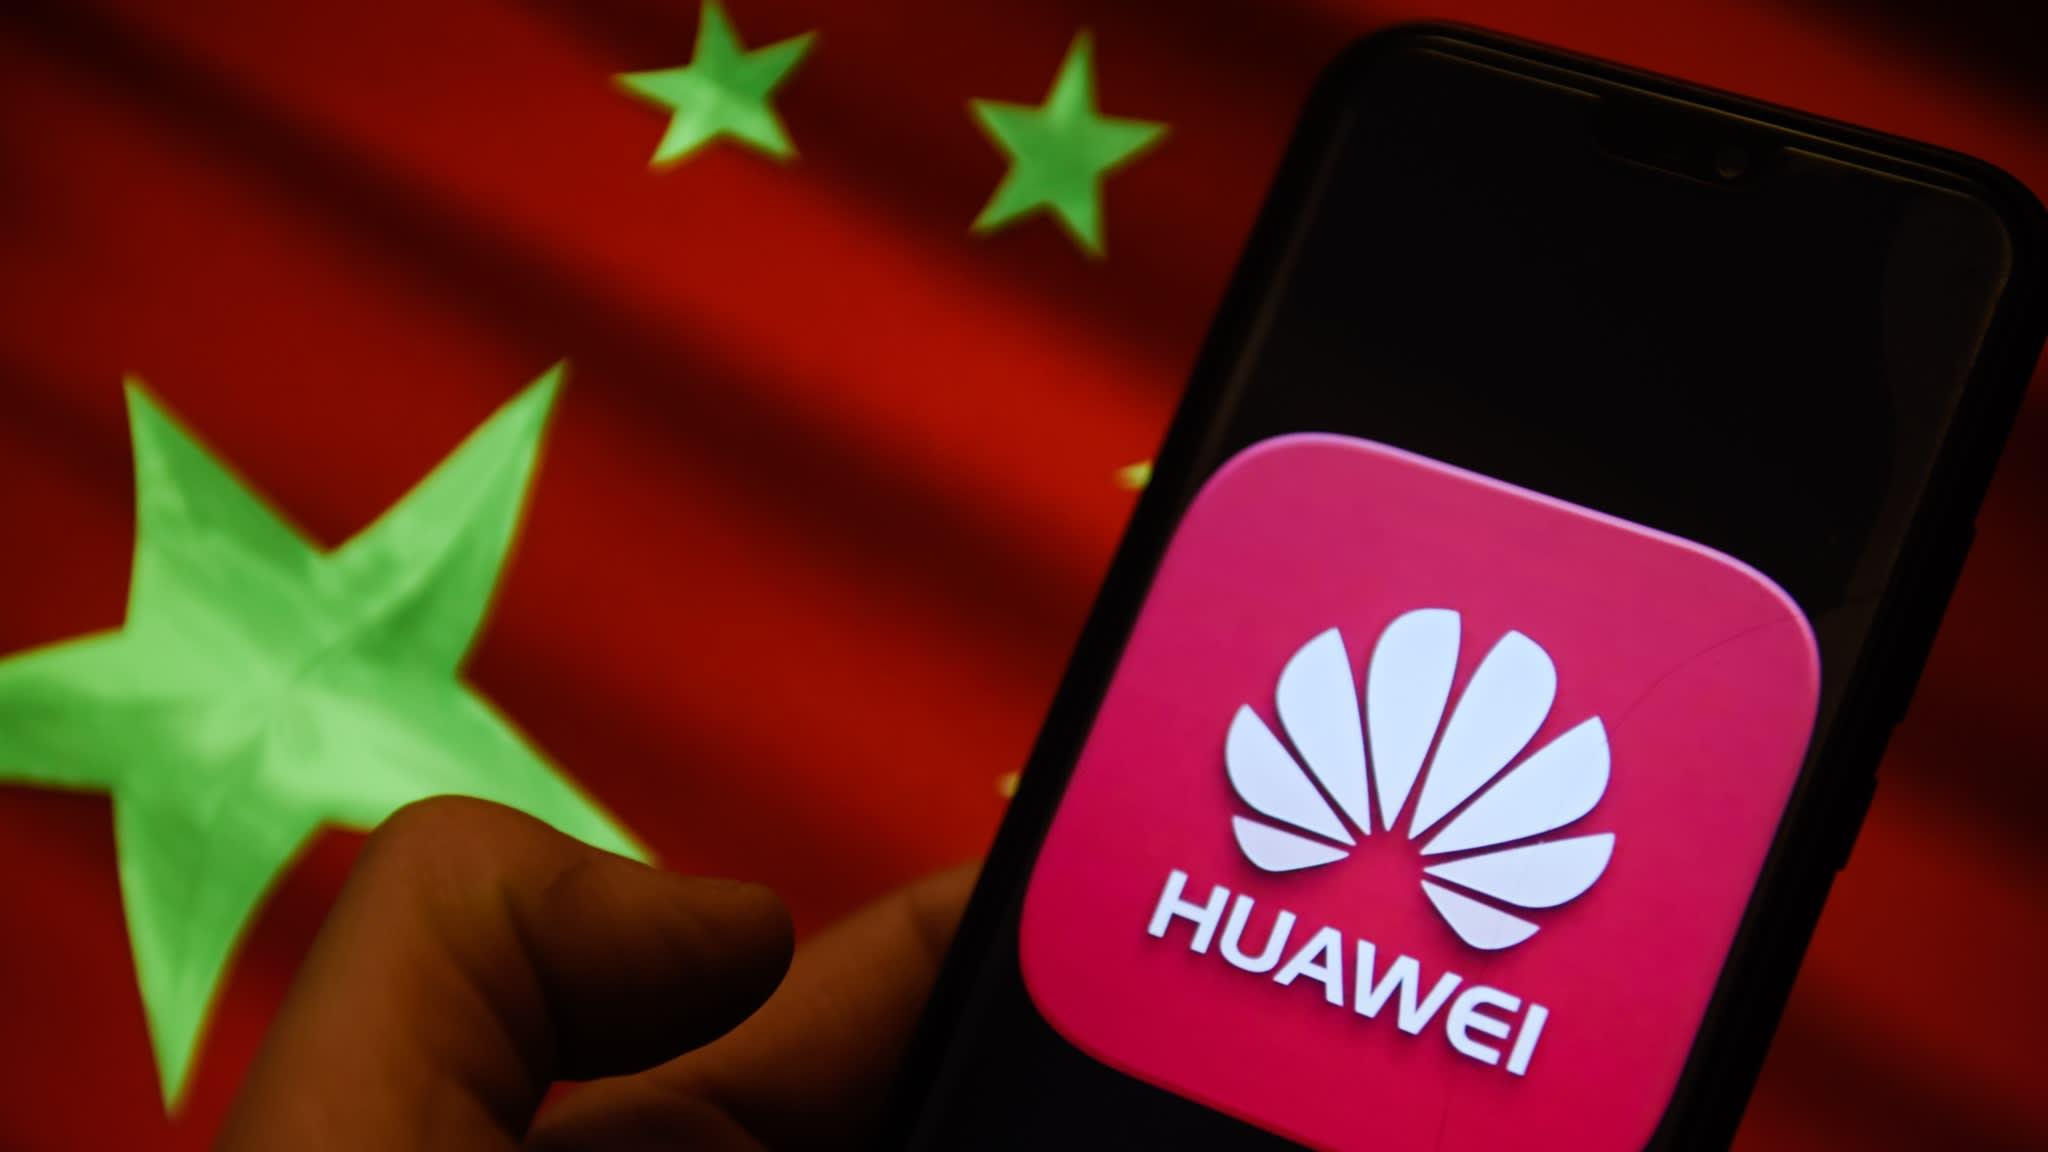 Teknoloji Haberleri (22 - 31 Ekim 2019) - Huawei ile Google